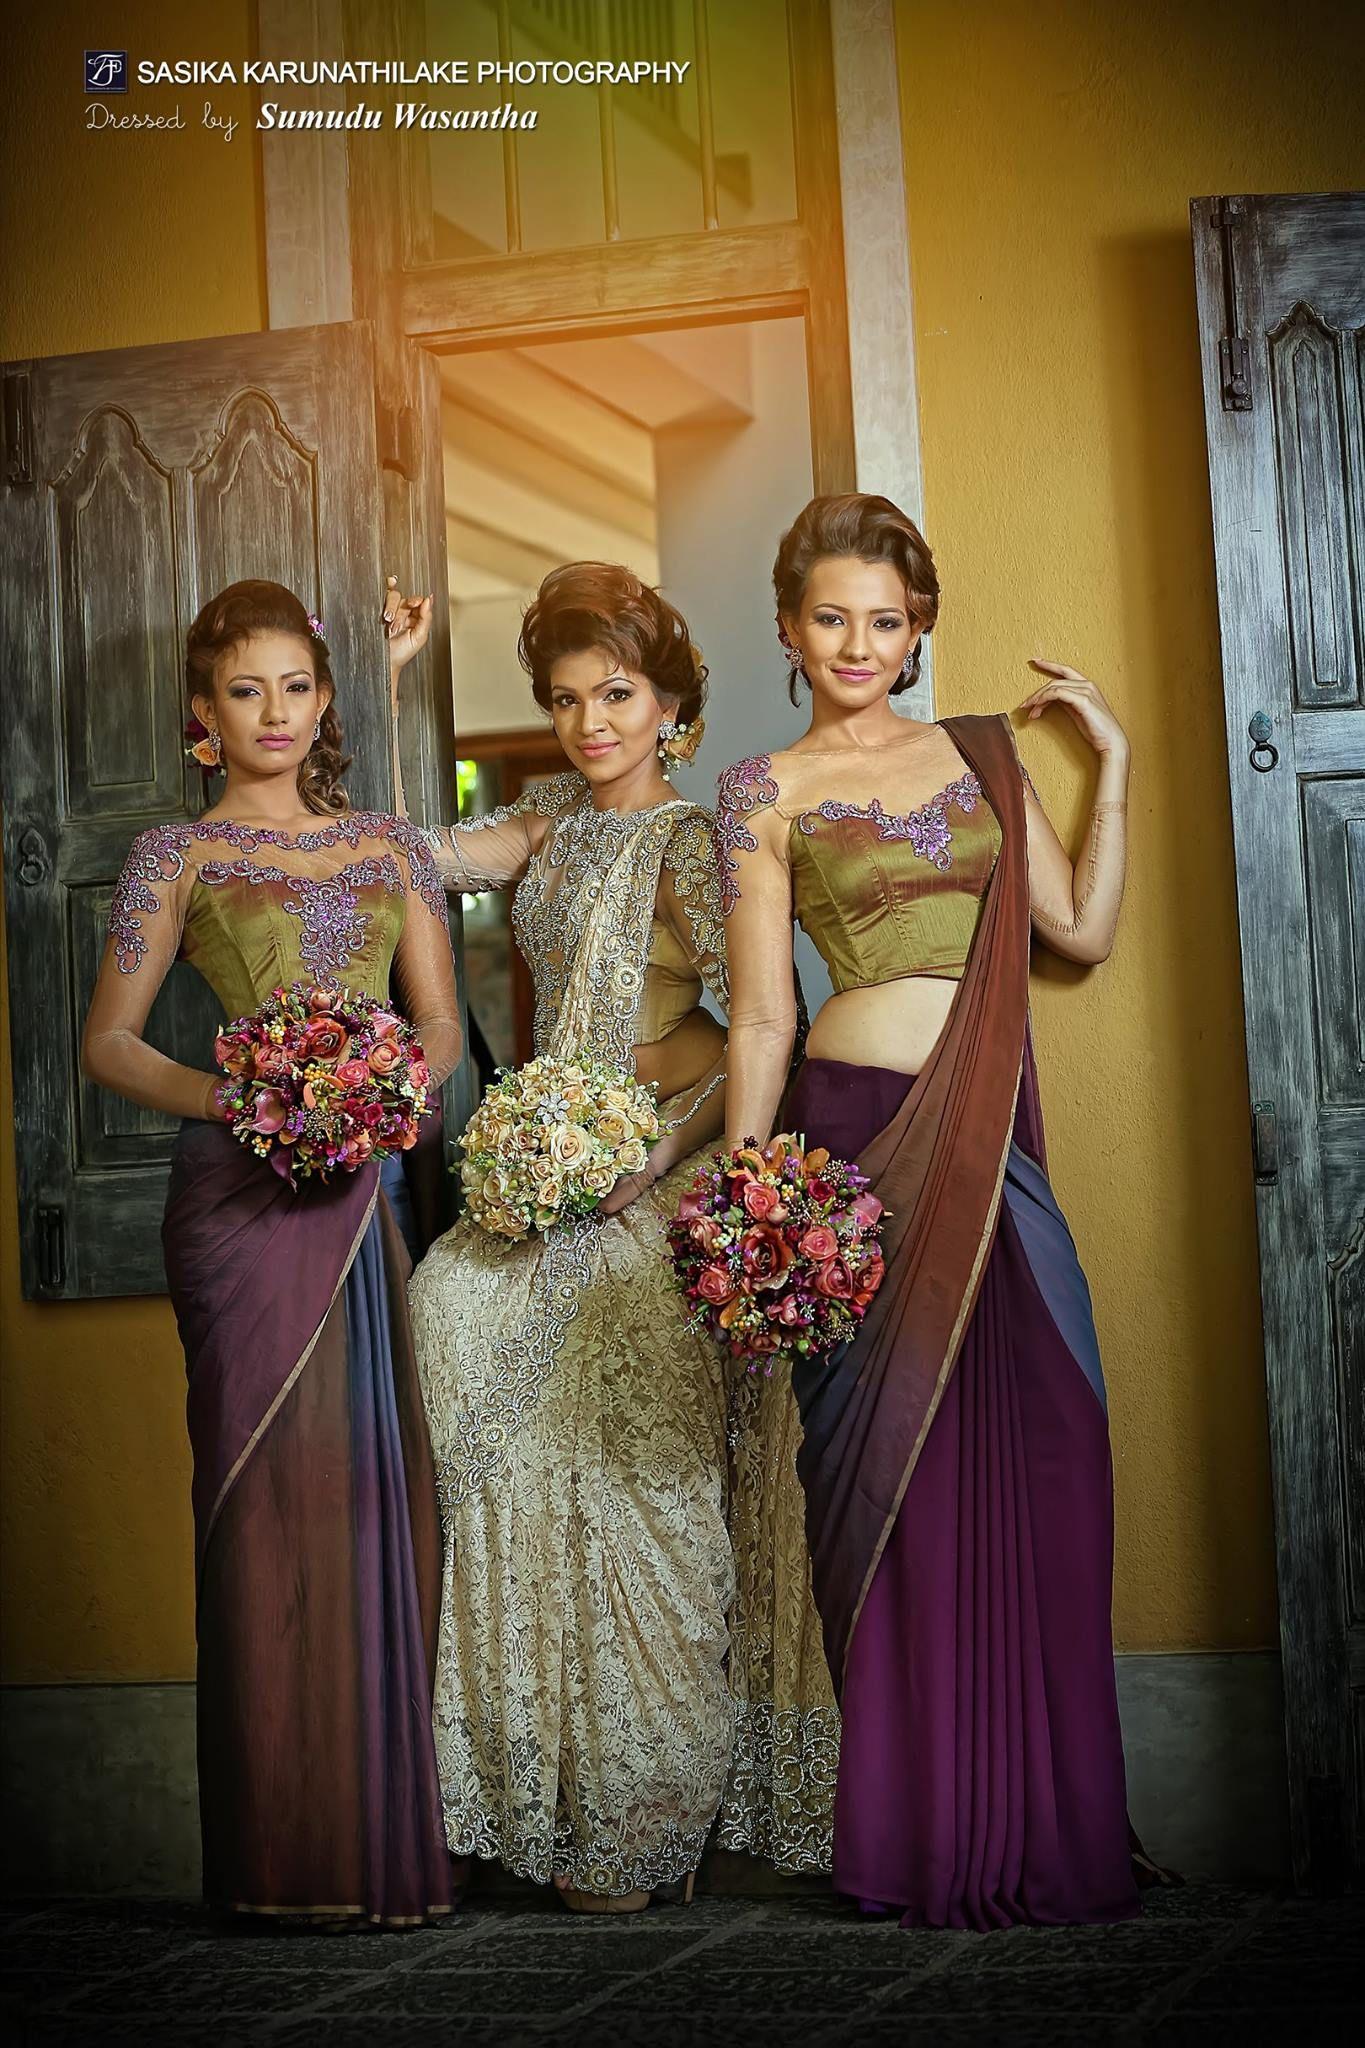 Sri lankan wedding sri lankan weddings pinterest for Wedding party dresses in sri lanka